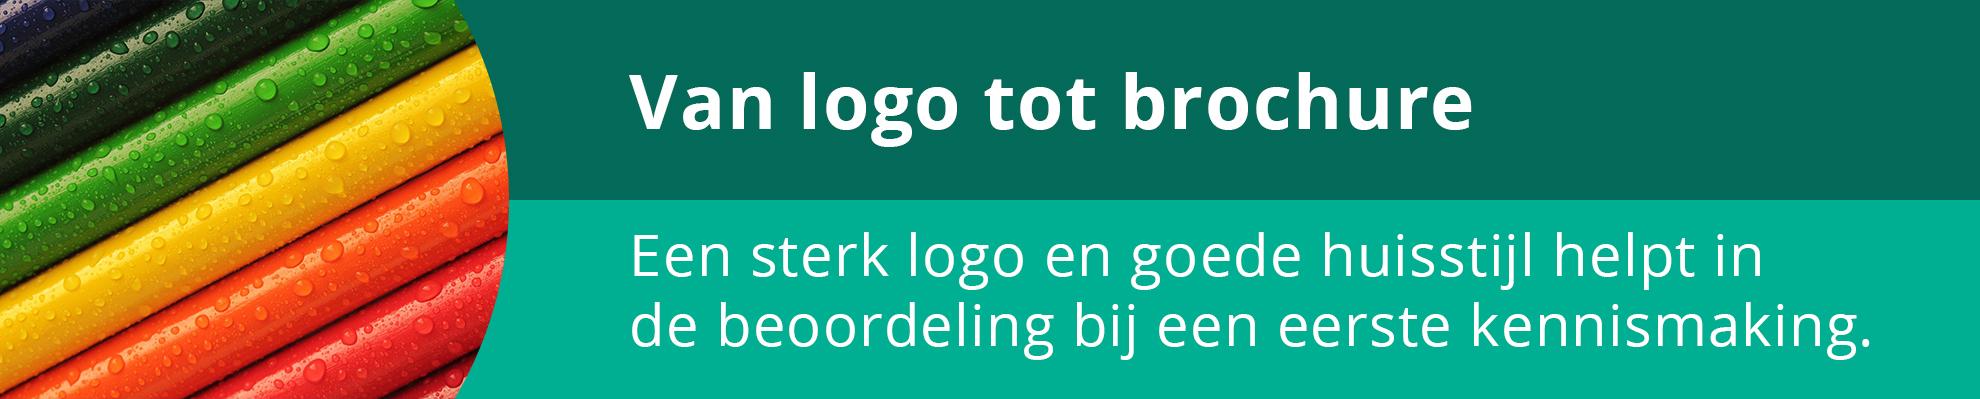 Van logo tot brochure, Endless geeft het vorm!